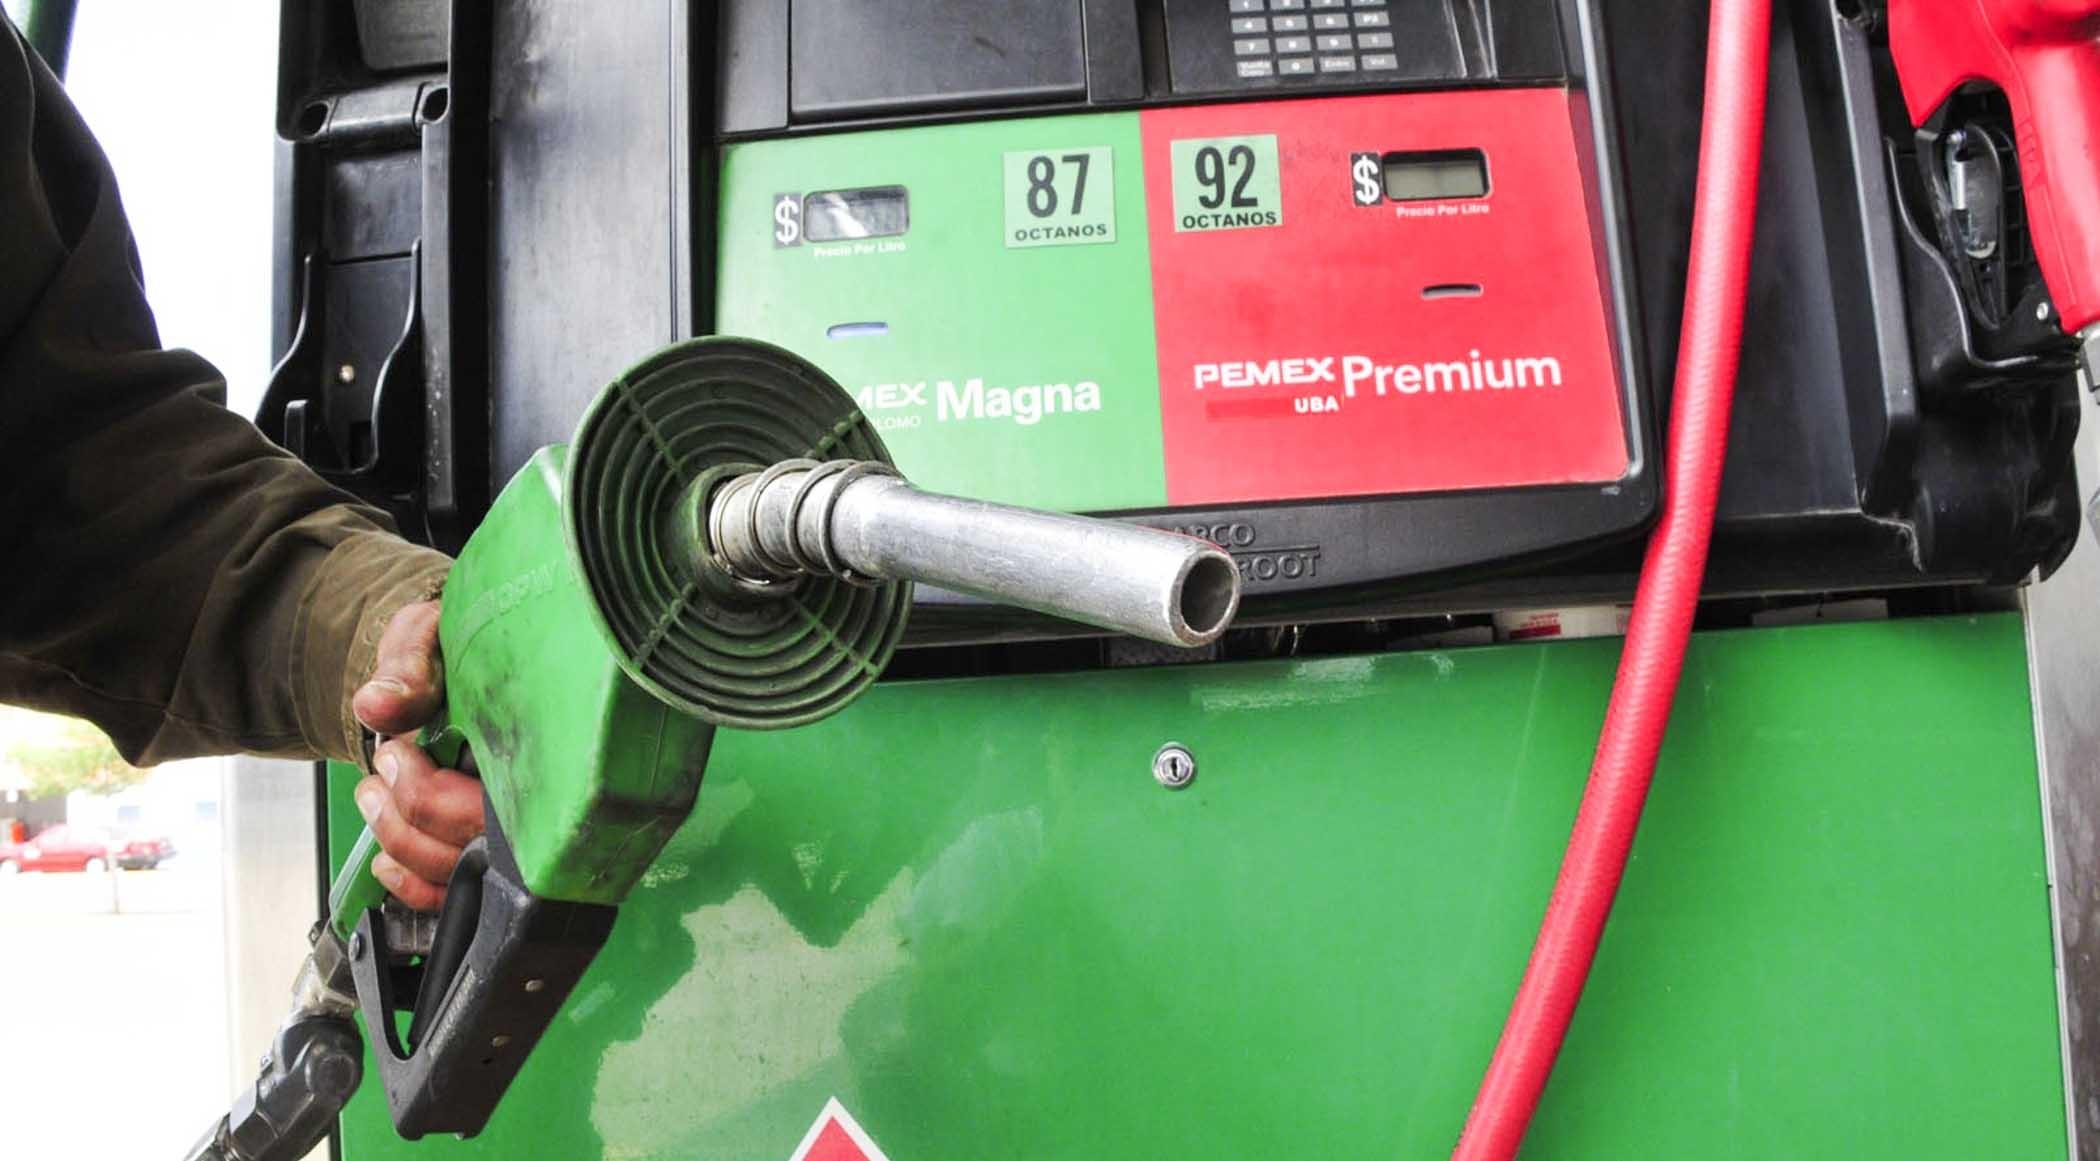 Baja precio de gasolina en Toluca y Metepec hoy 17 de septiembre